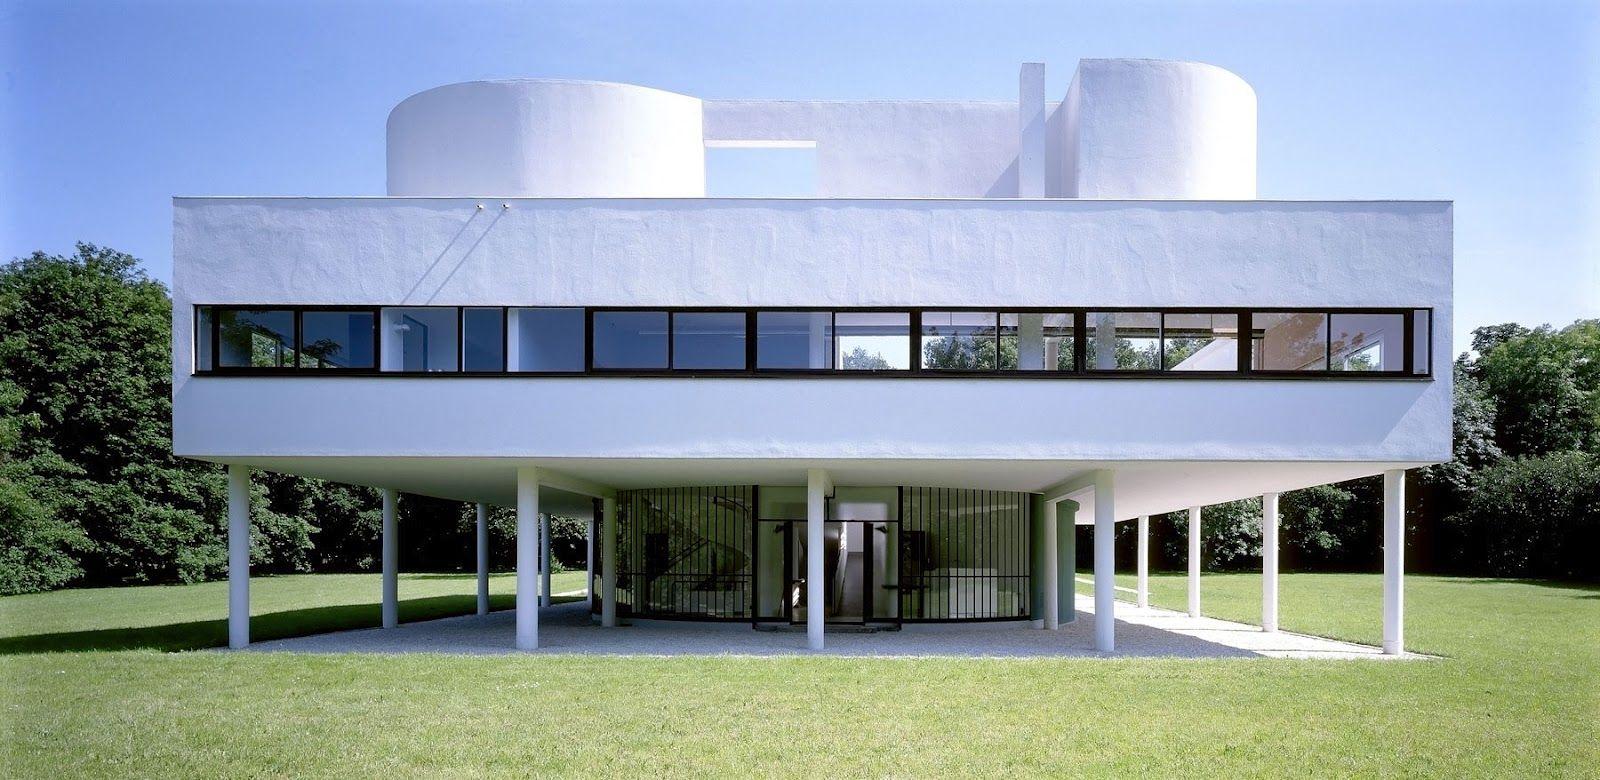 Charles Edouard Jeanneret Gris Le Corbusier Villa Jeanneret Perret